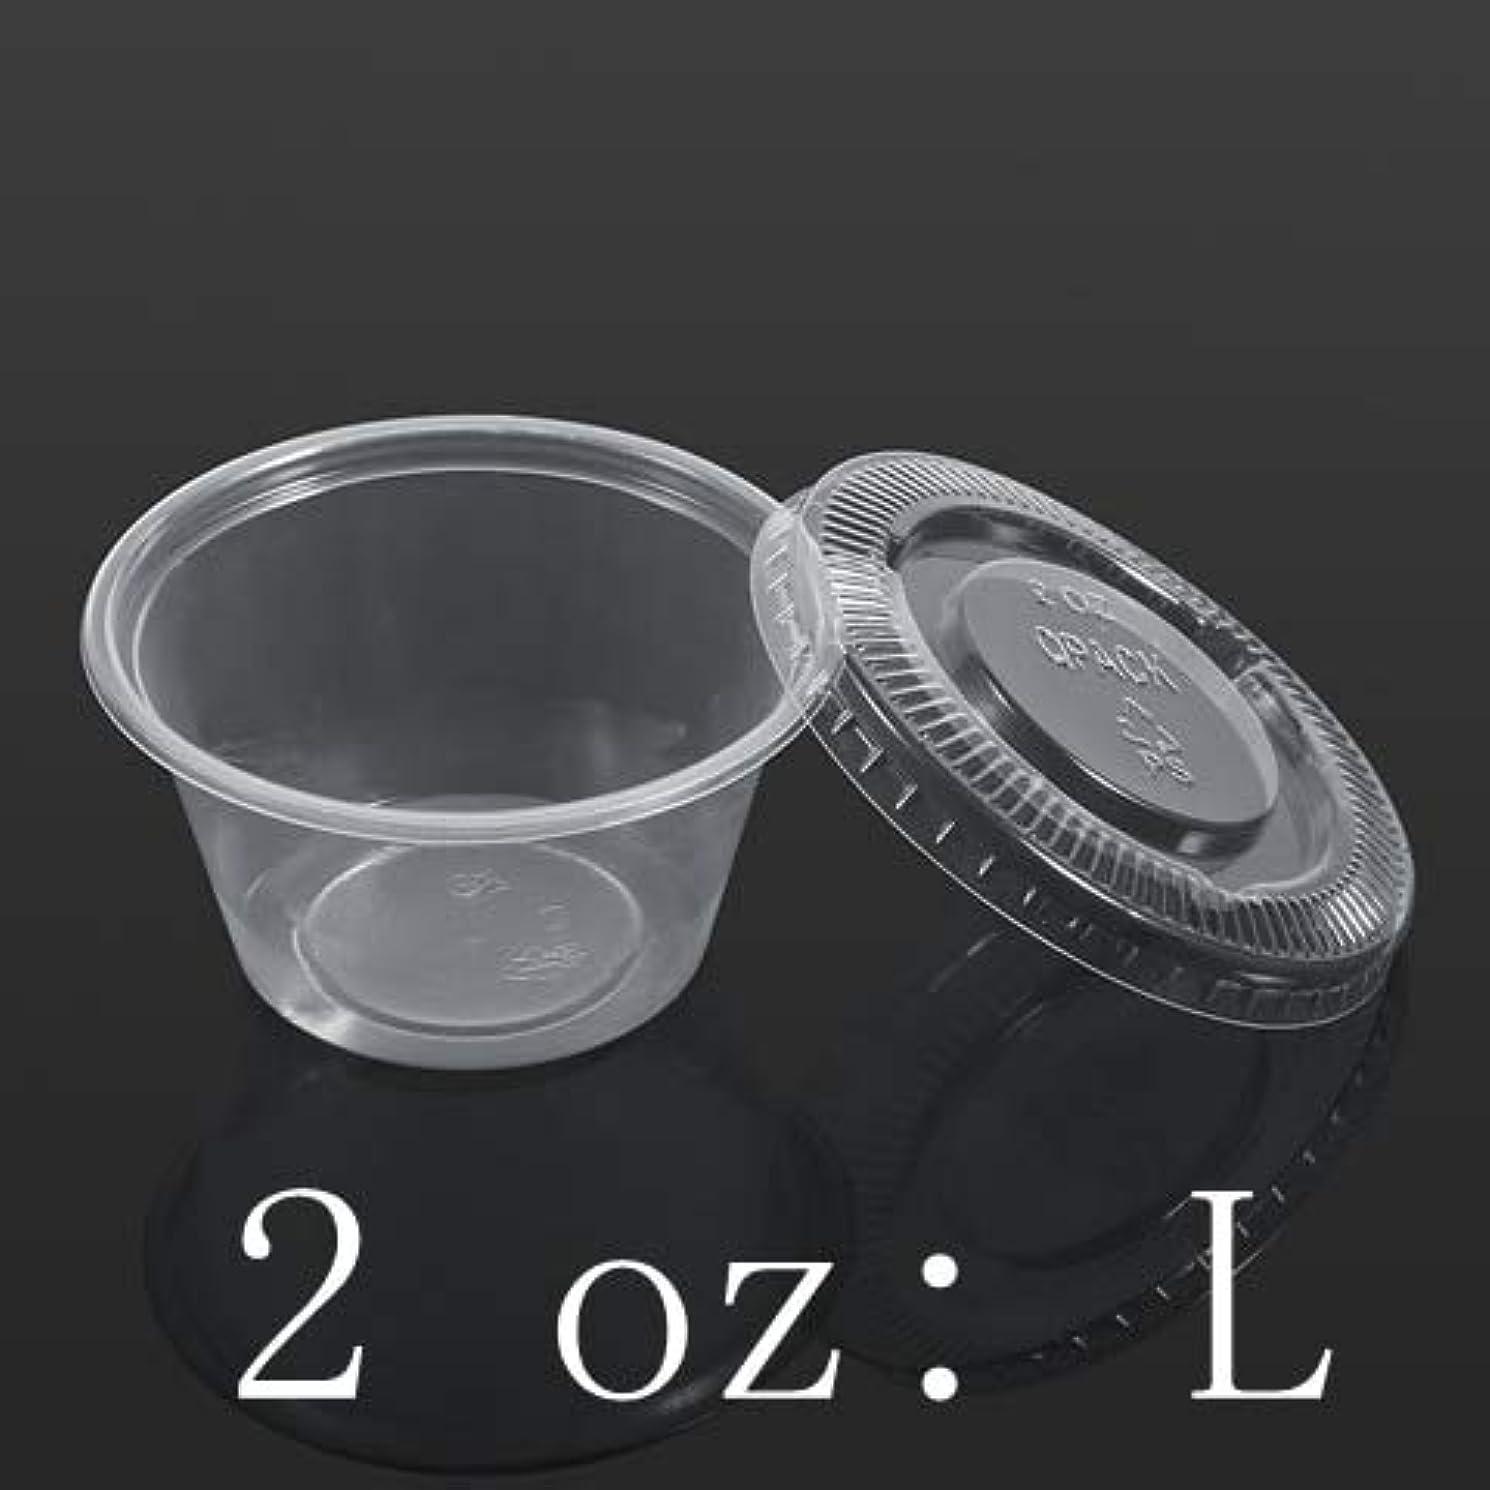 永続ナイトスポットファブリックMaxcrestas - 蓋食品テイクアウトでMaxcrestas - 50pcsの醤油カップ使い捨てのプラスチック製のクリアソースチャツネカップボックス